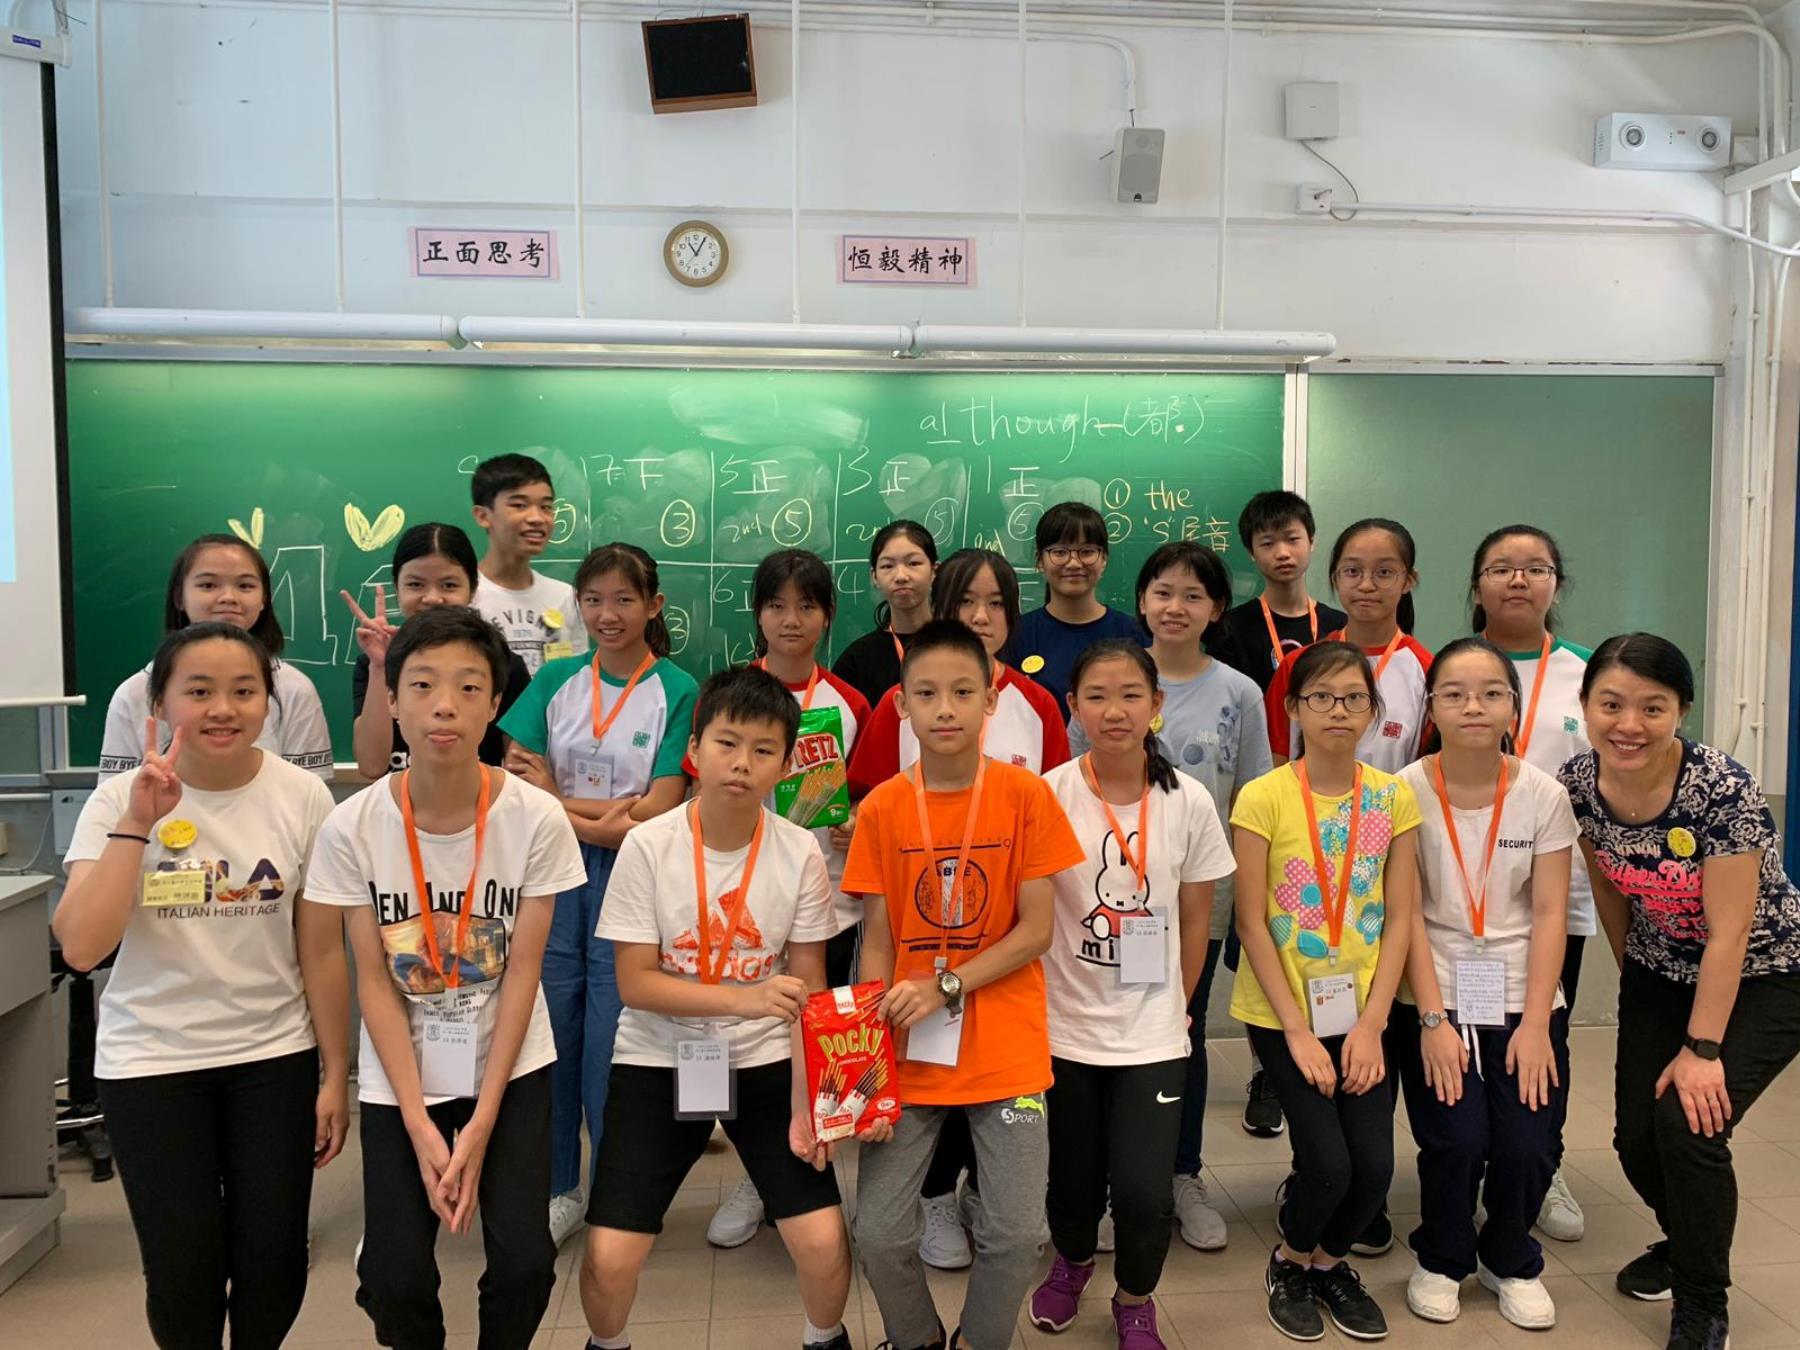 http://npc.edu.hk/sites/default/files/ddc2e87c-e6aa-481e-919c-bf07a3690929.jpg